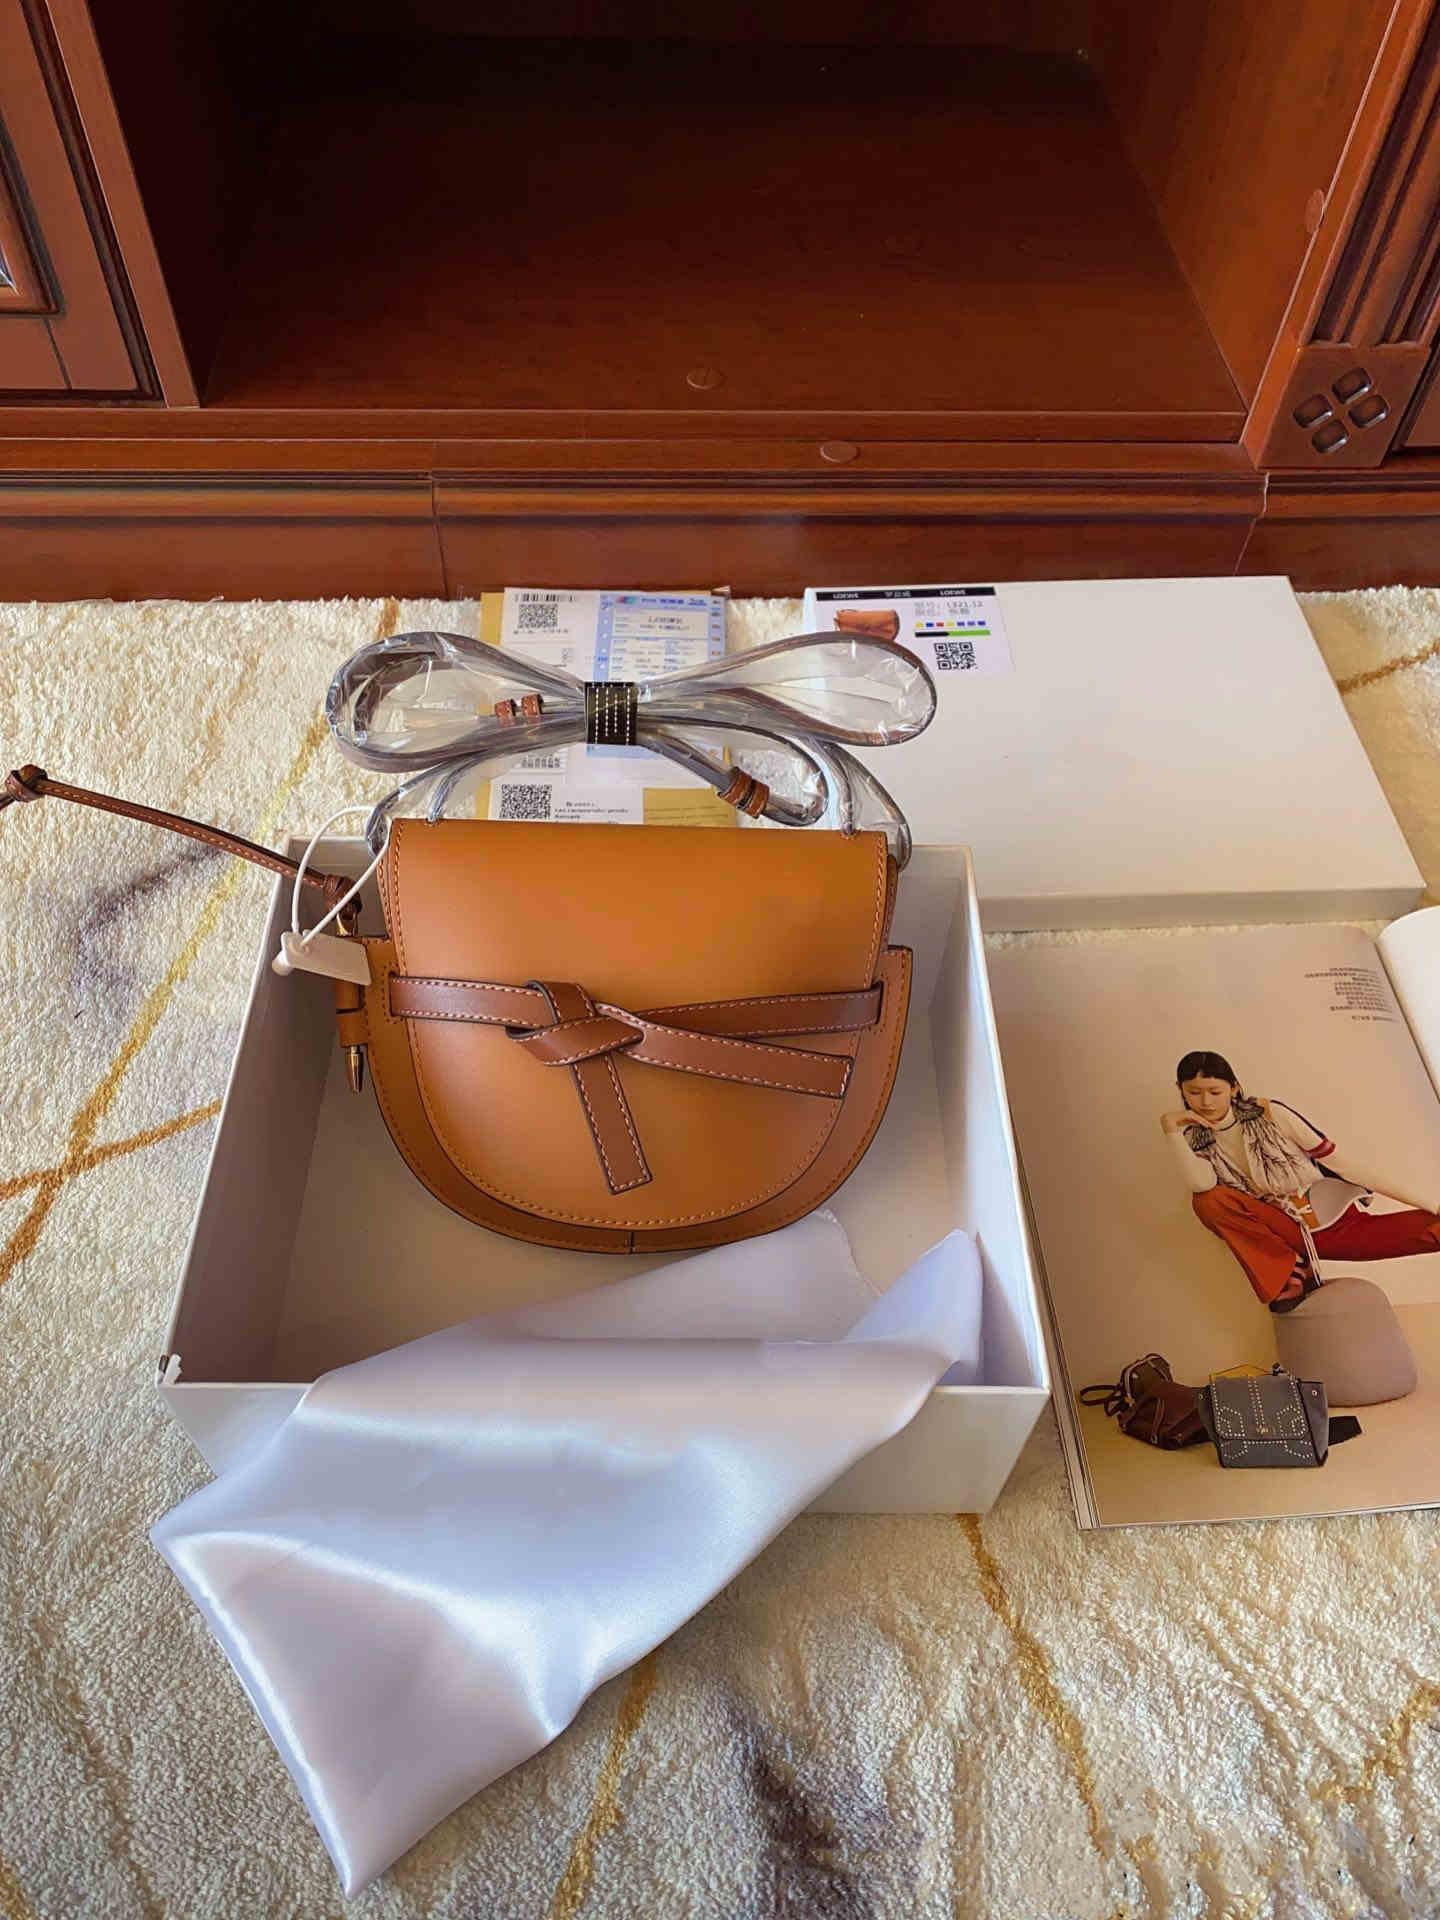 2019 famosi progettista delle donne della borsa nuova di alta qualità del sacchetto di spalla lettera LTS borsa in vera pelle Messenger bag di lusso sella